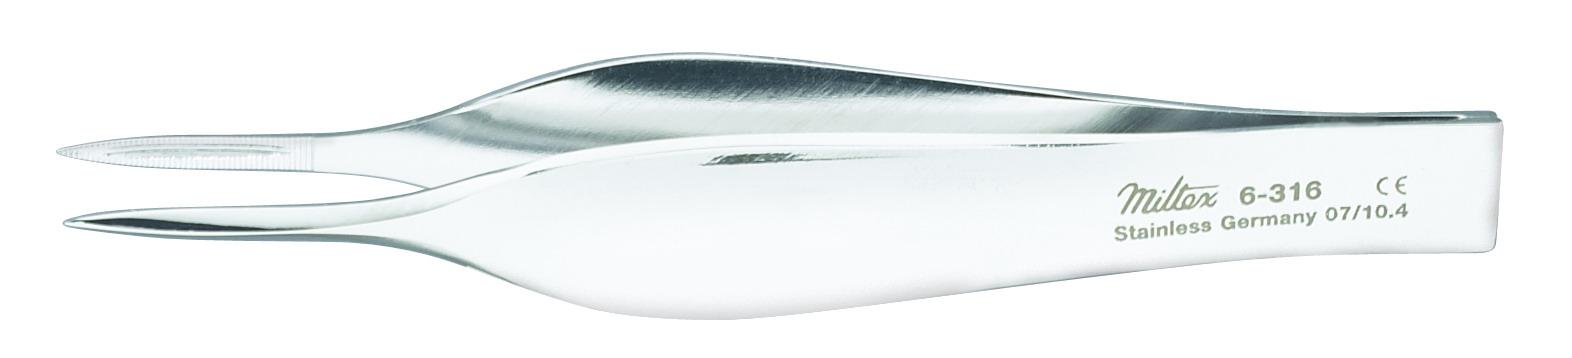 feilchenfeld-splinter-forceps-3-76-cm-6-316-miltex.jpg